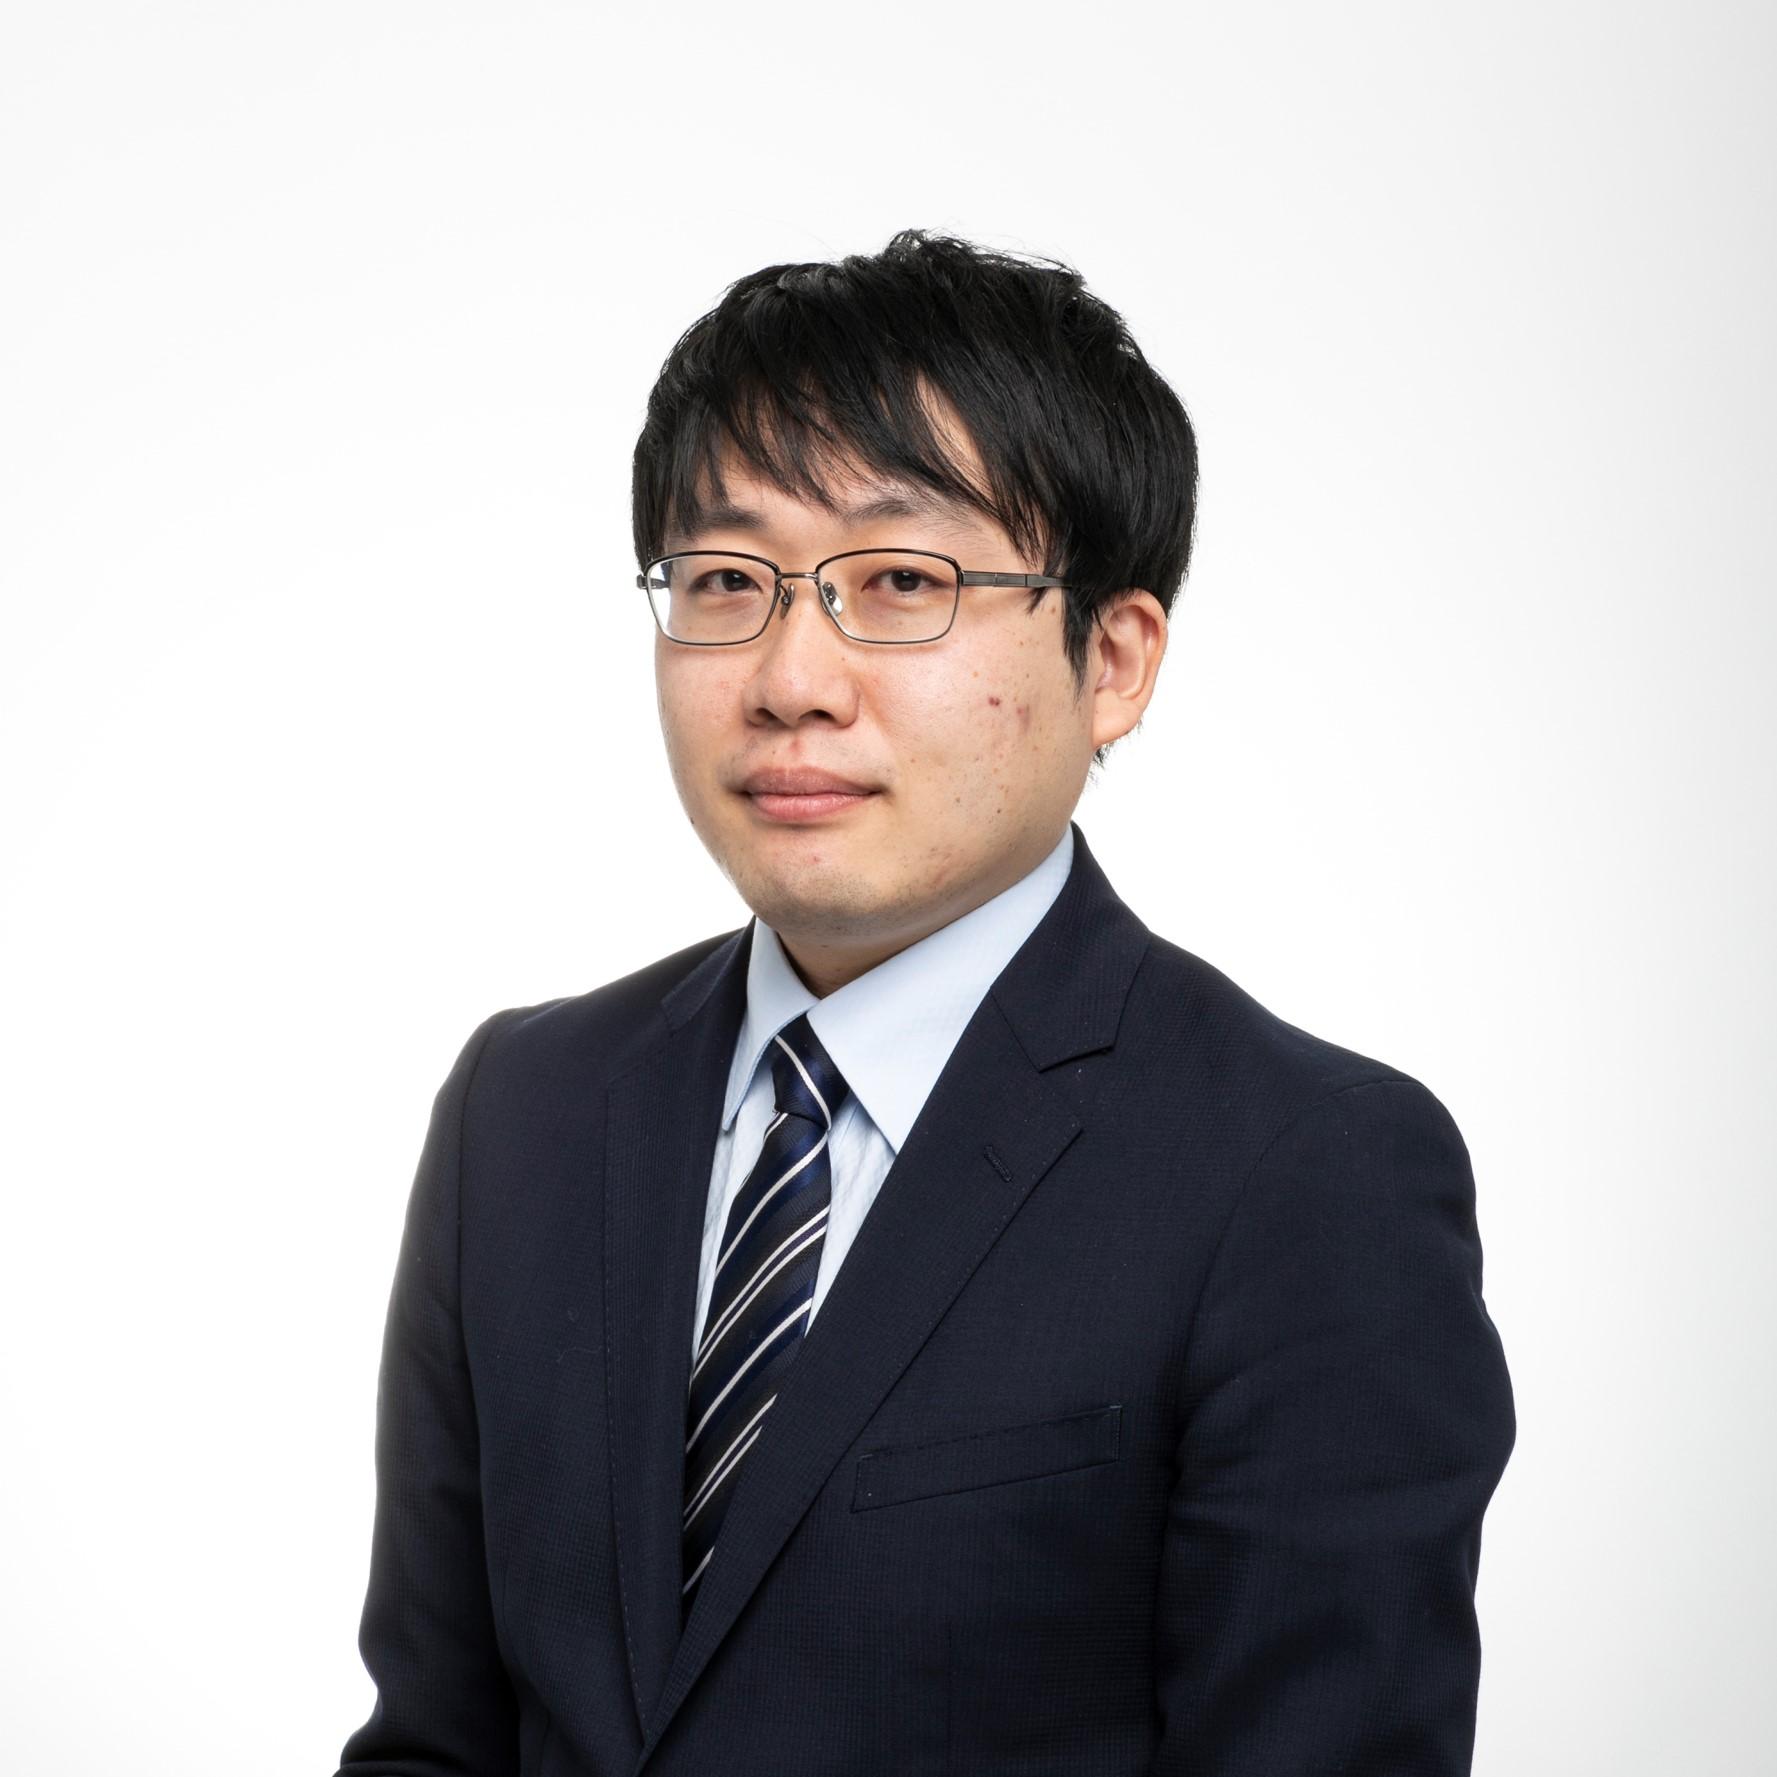 手塚 雄太